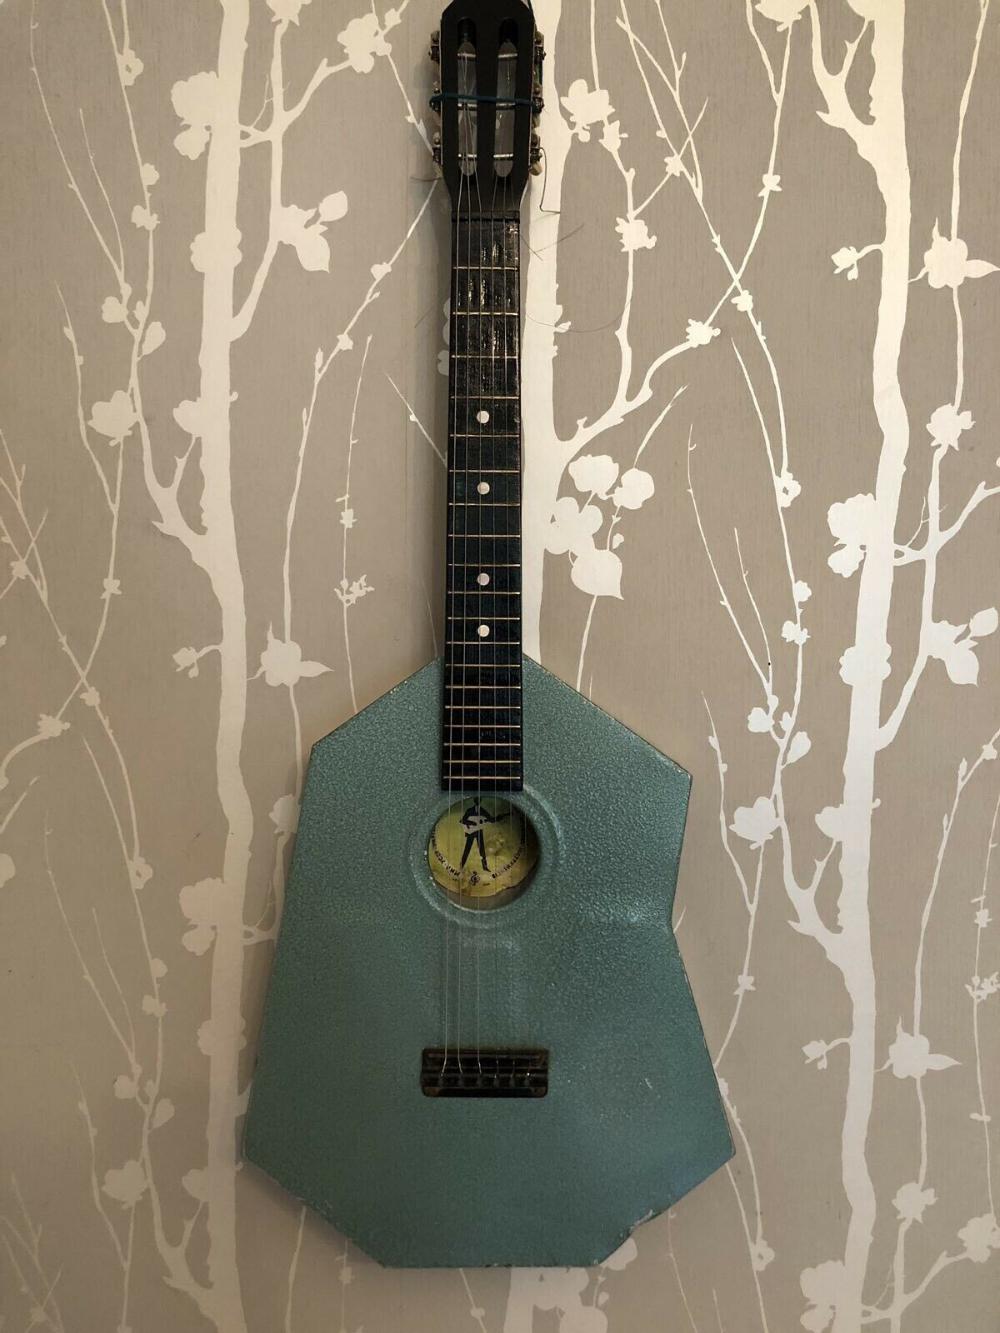 Aluminium Metal Body Stone Acoustic Guitar Ussr Soviet And Very Vintage Acoustic Guitar Guitar Aluminum Metal